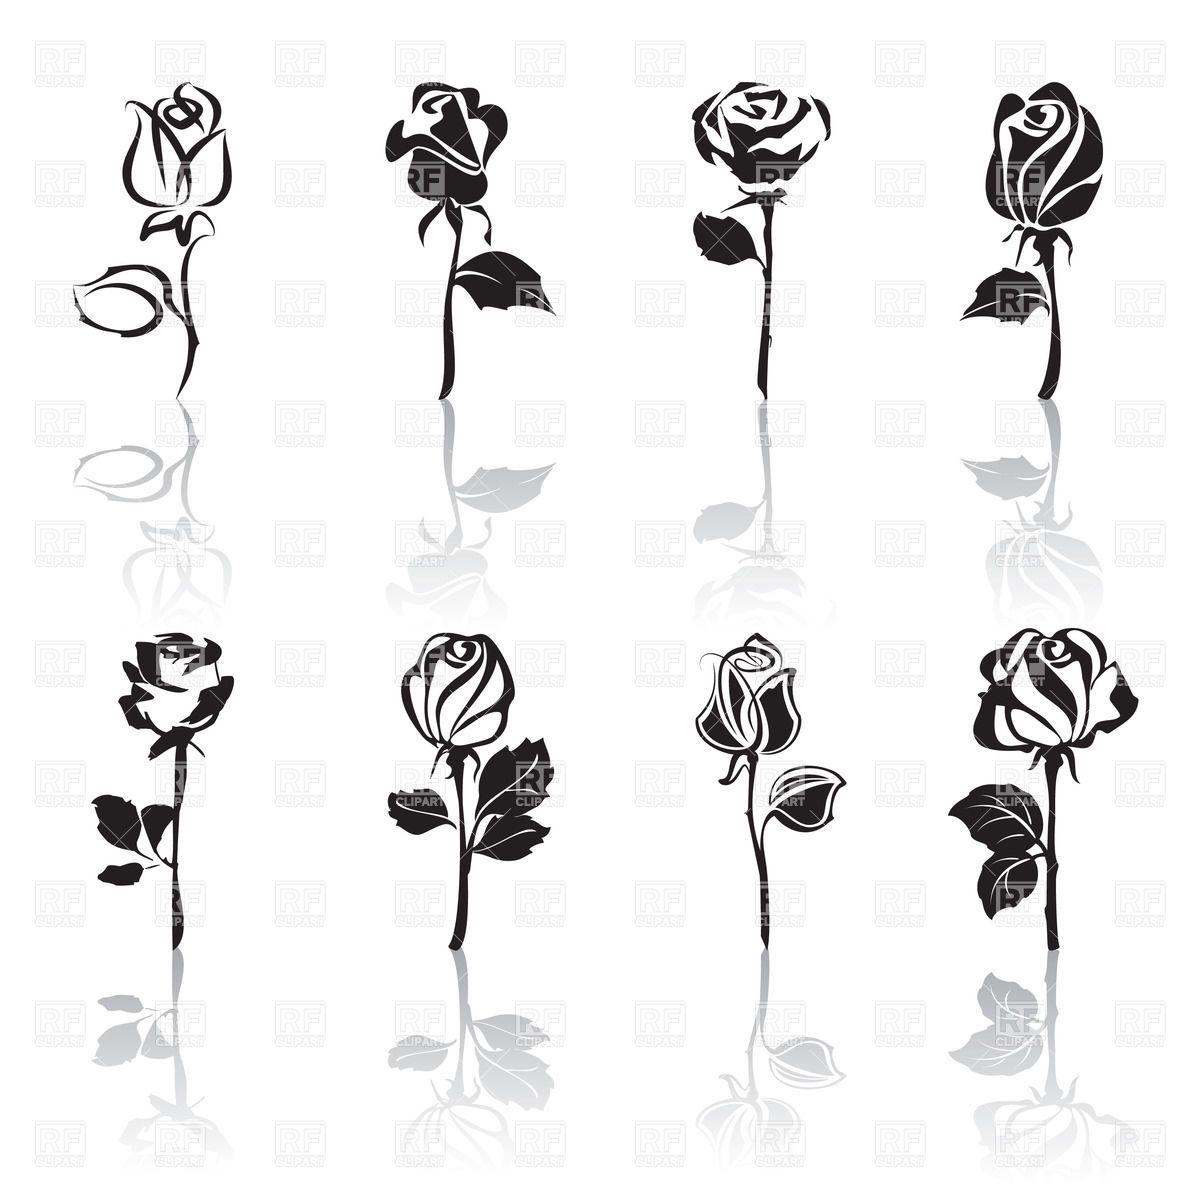 stylized rose - Hledat Googlem | Doodles / Čmáranice ...